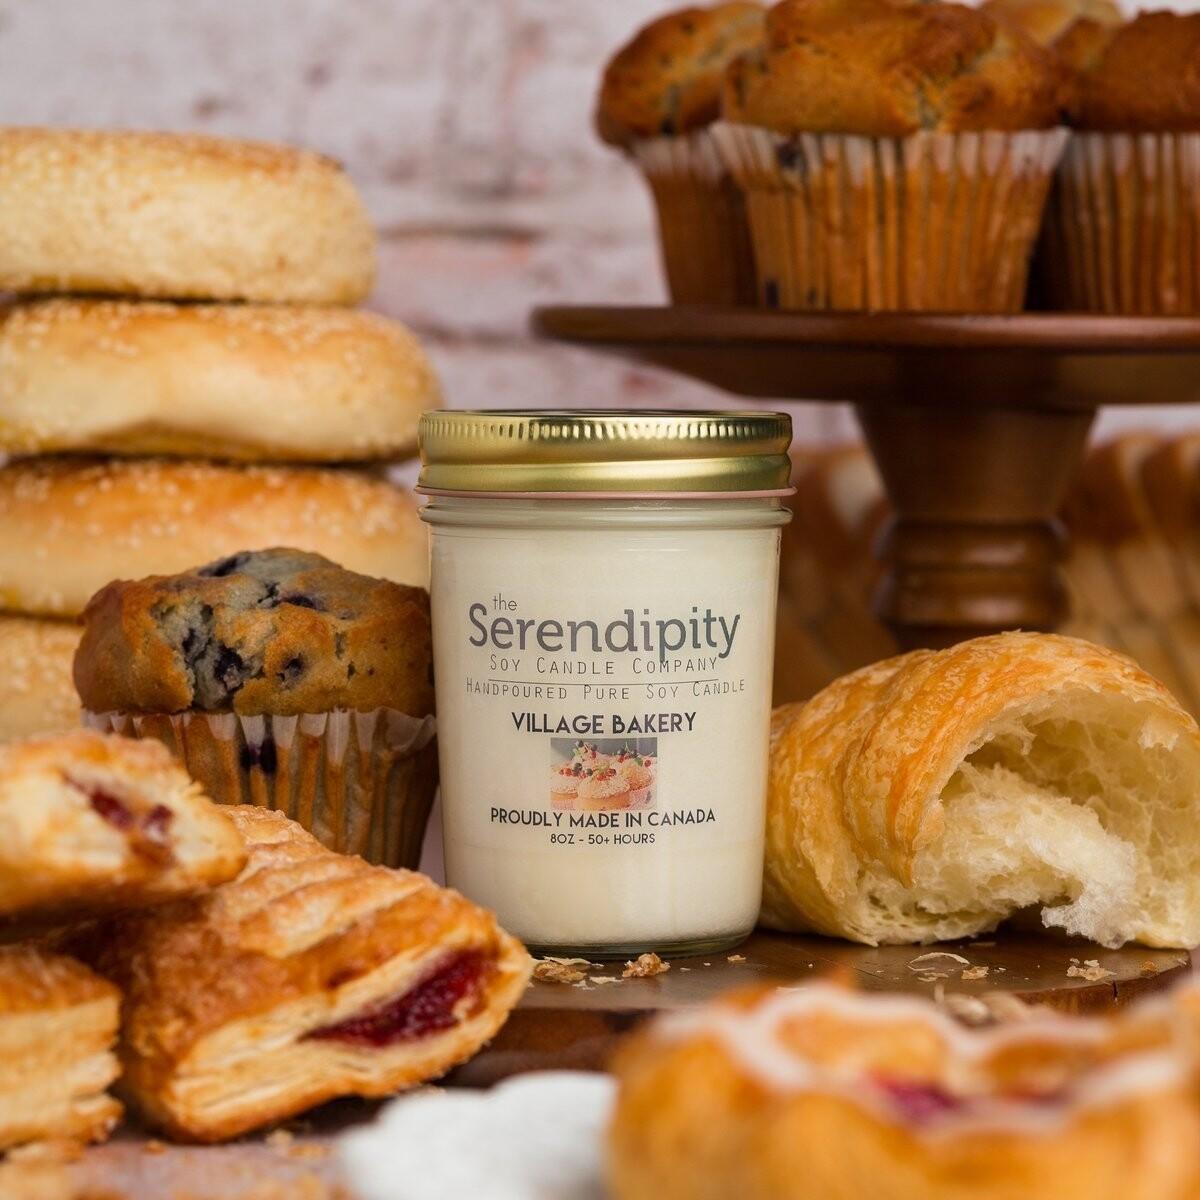 Serendipity 8 oz Soy Candle Jar | Village Bakery